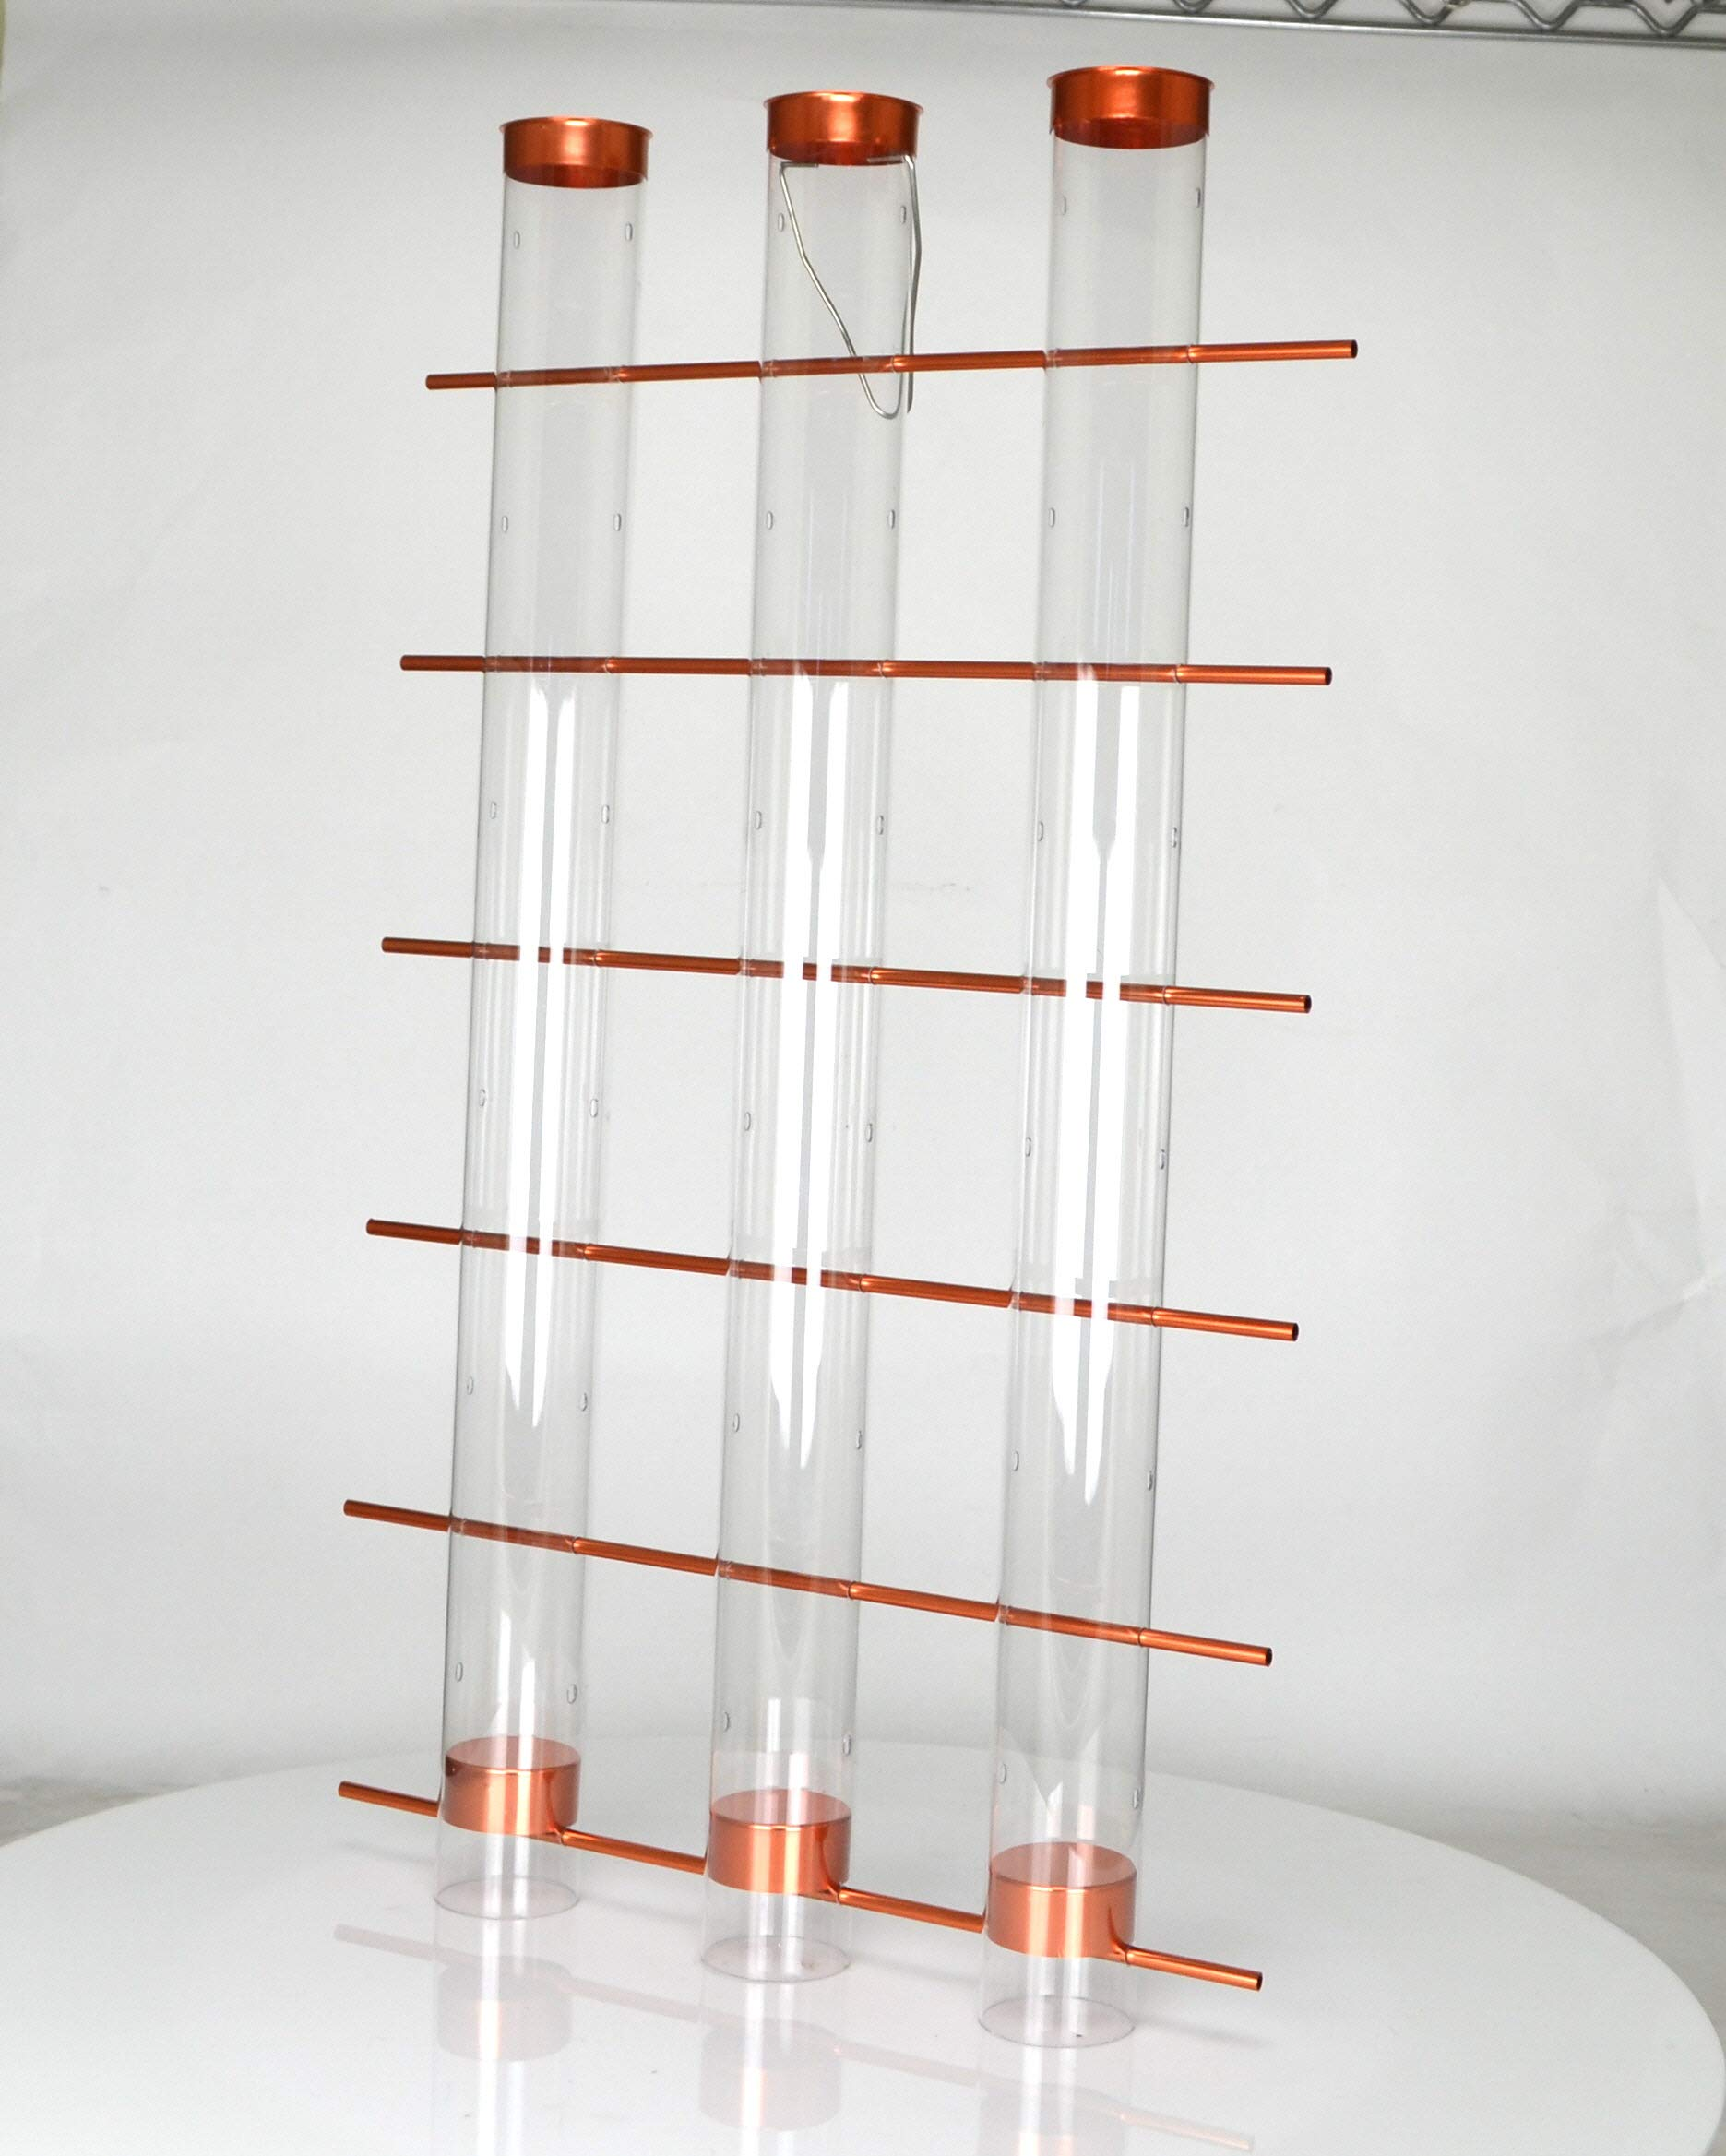 Songbird Essentials Copper Finish Finches Favorite 3 Tube Bird Feeder Se324c by Songbird Essentials